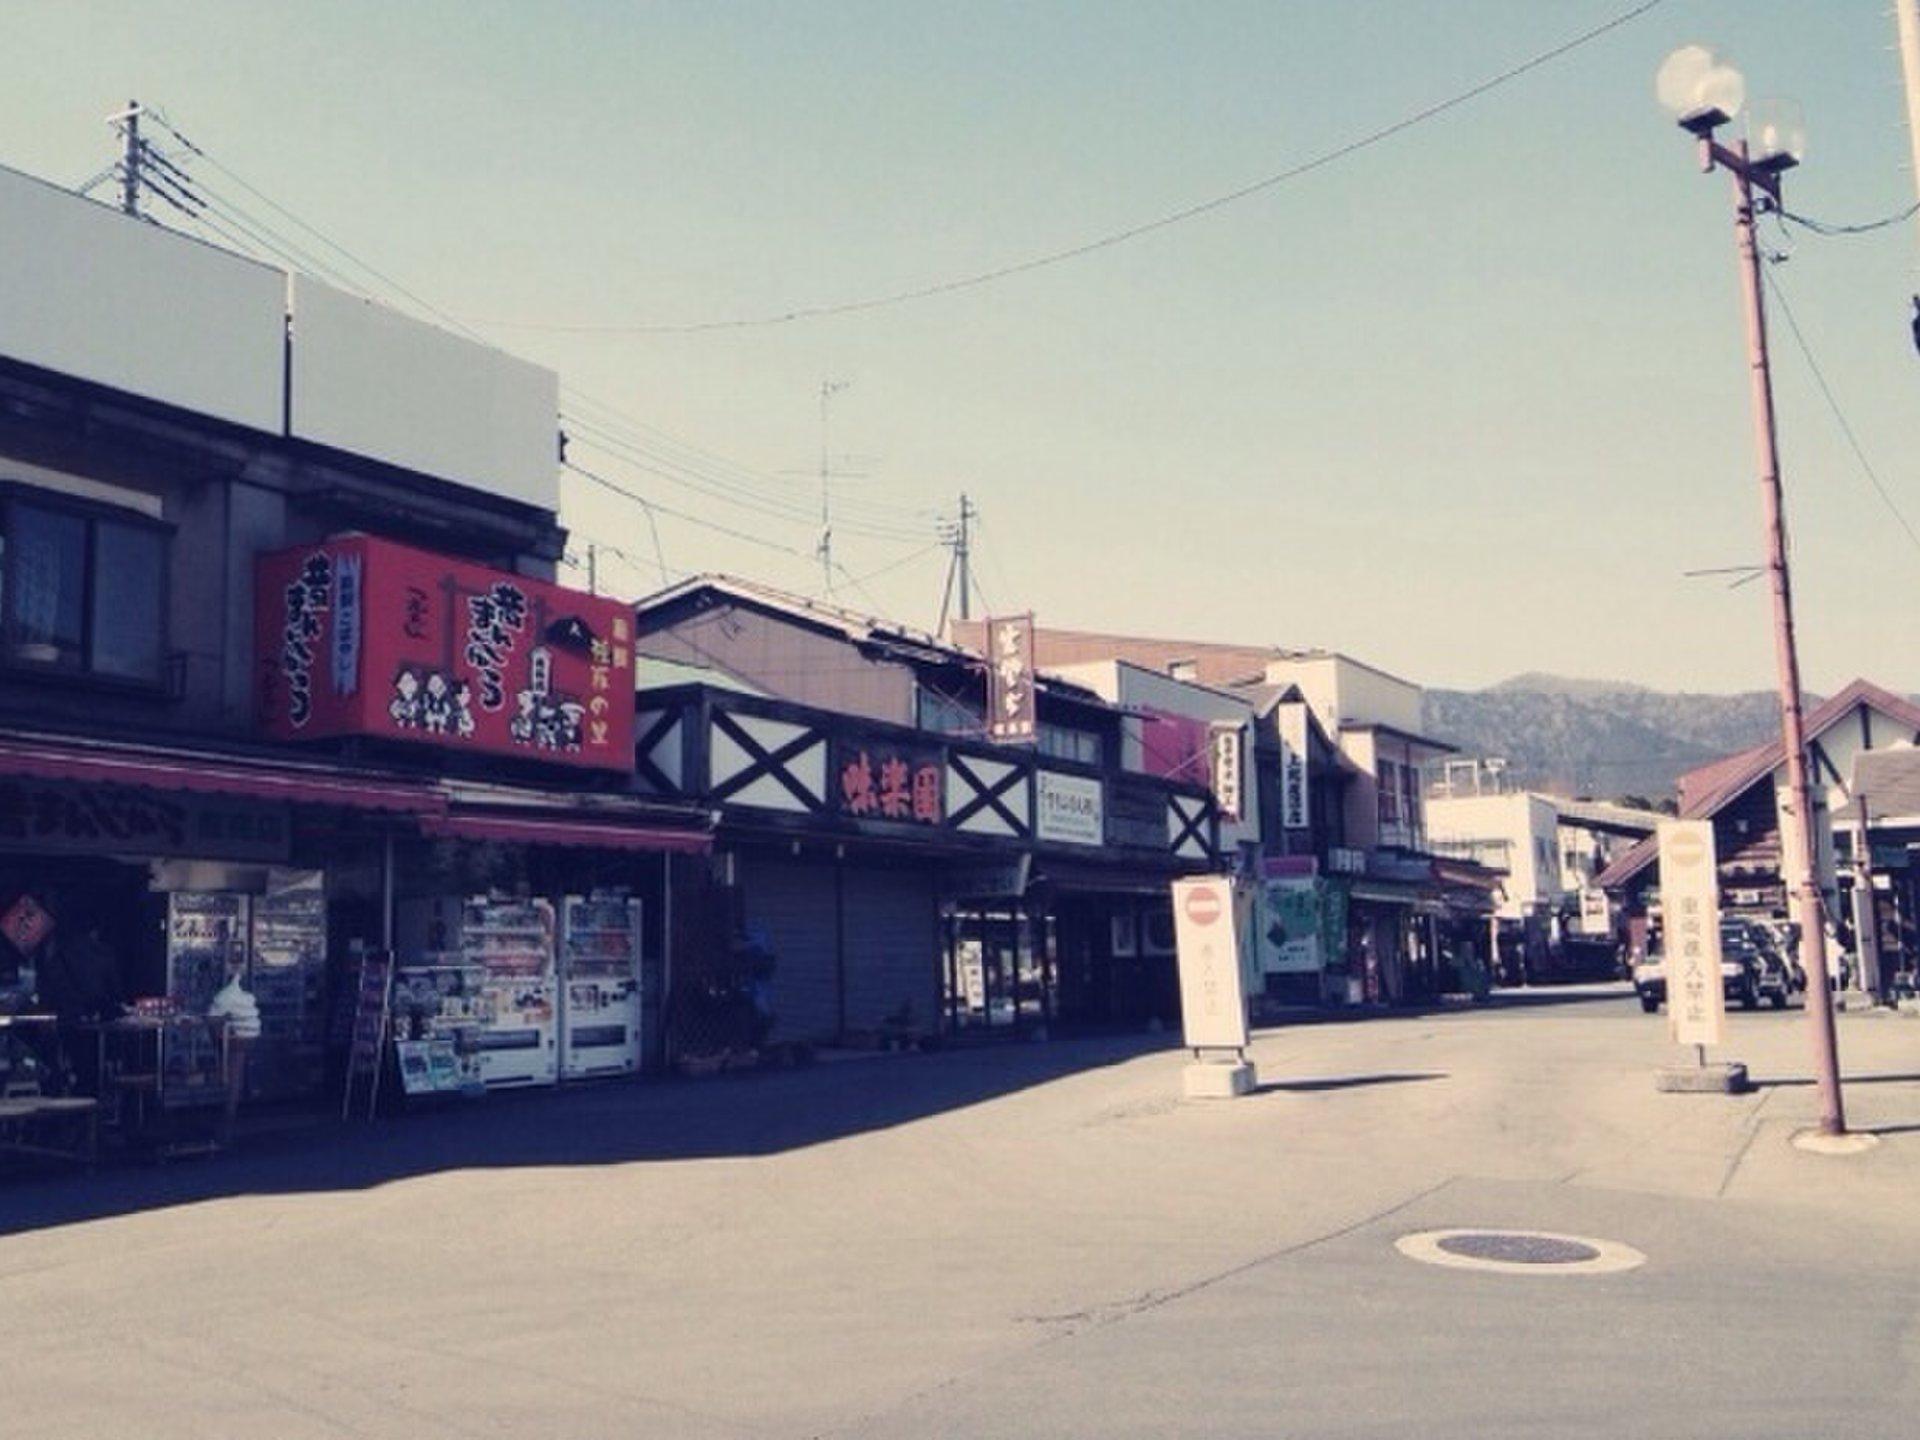 【おすすめ日帰り温泉♪】カップルでまったりできる素敵な温泉街!